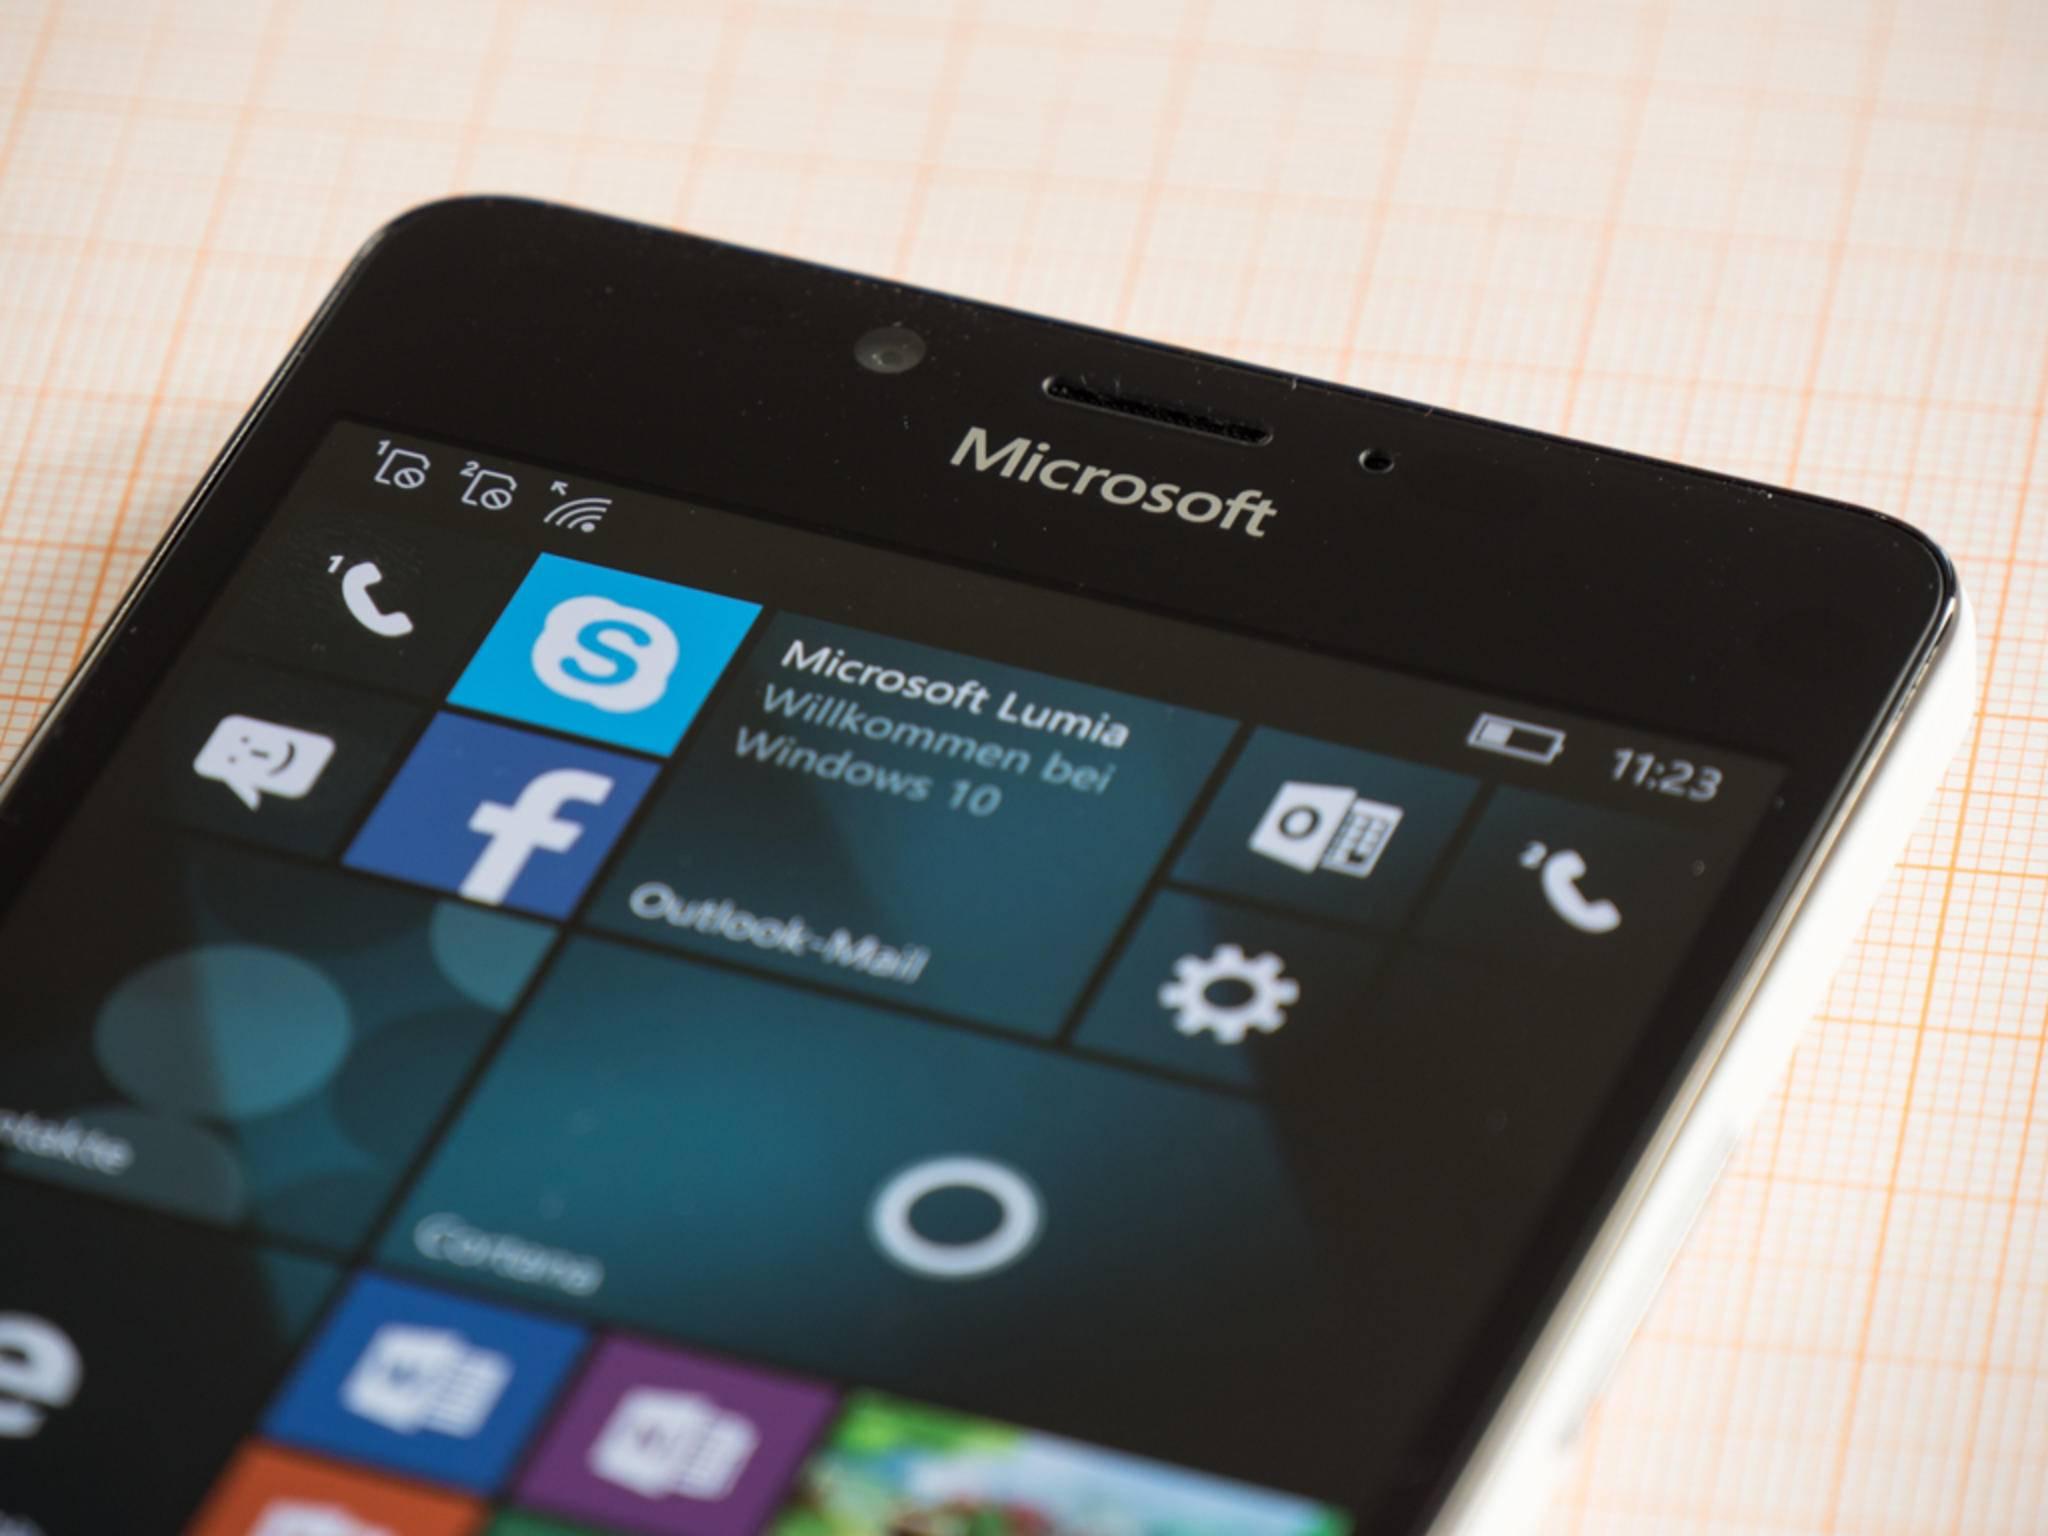 Software-Updates für Windows 10 Mobile sollen monatlich kommen.